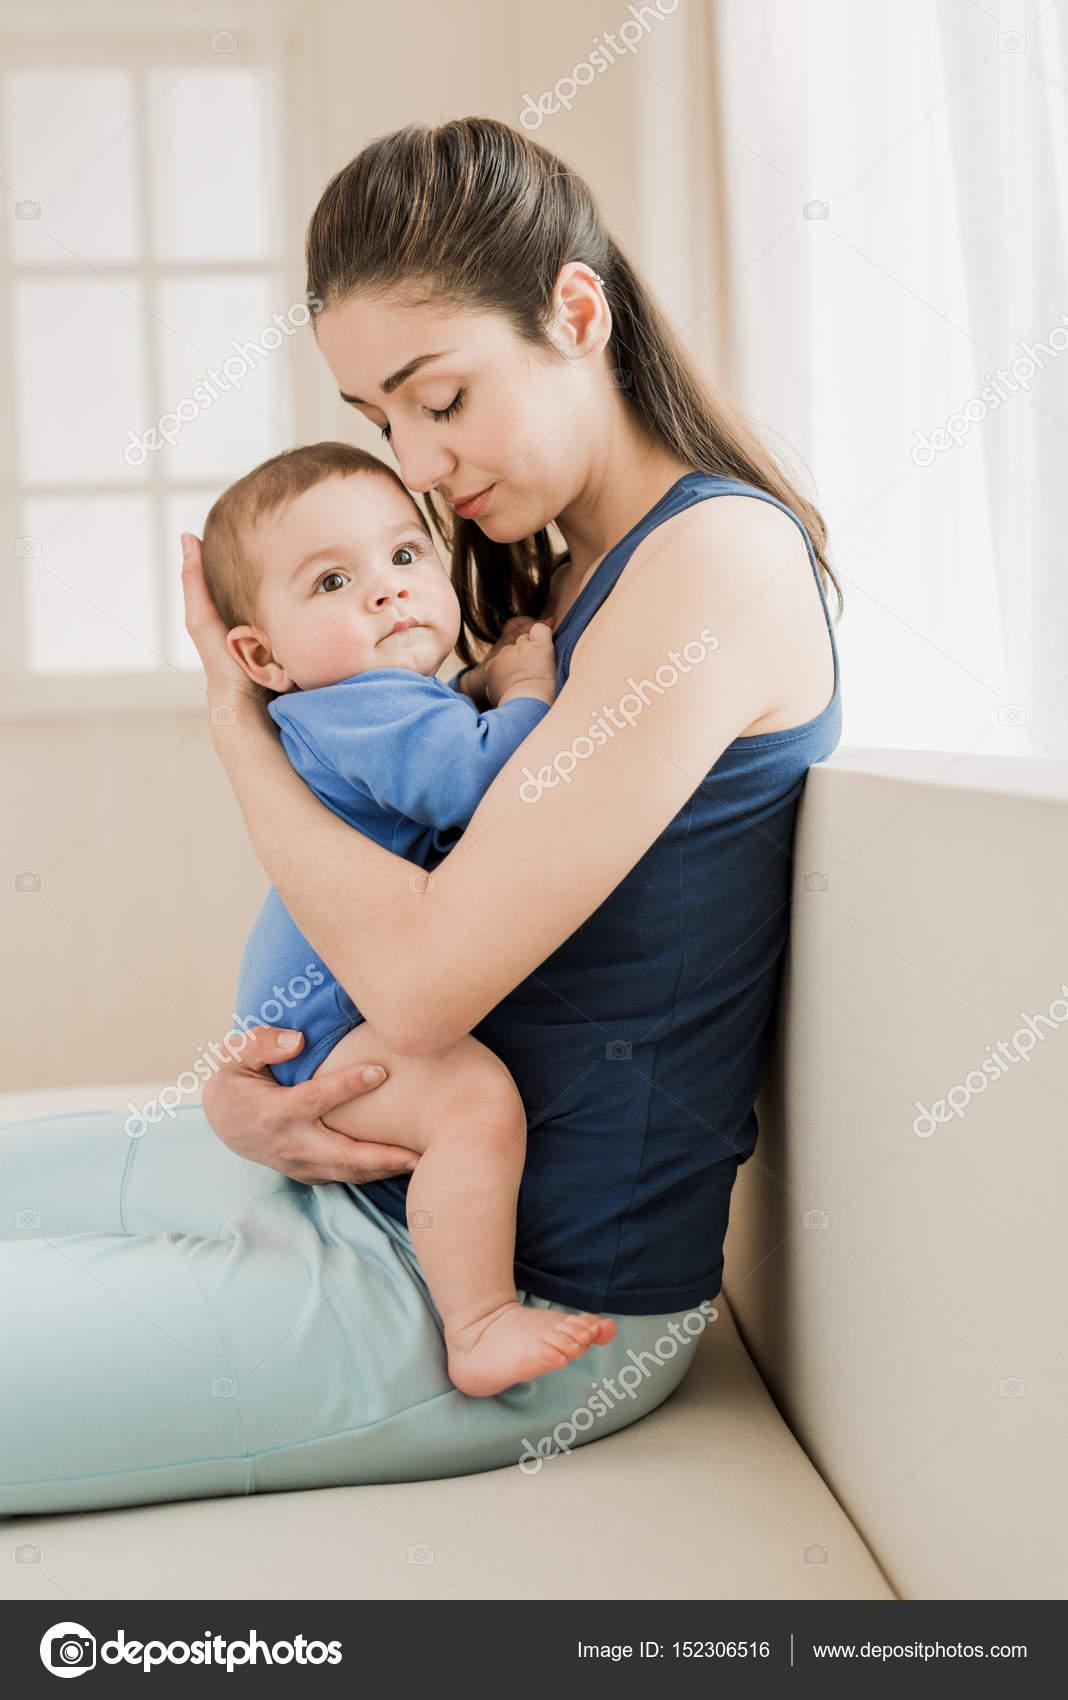 Фото о матери обнимающей ребенка